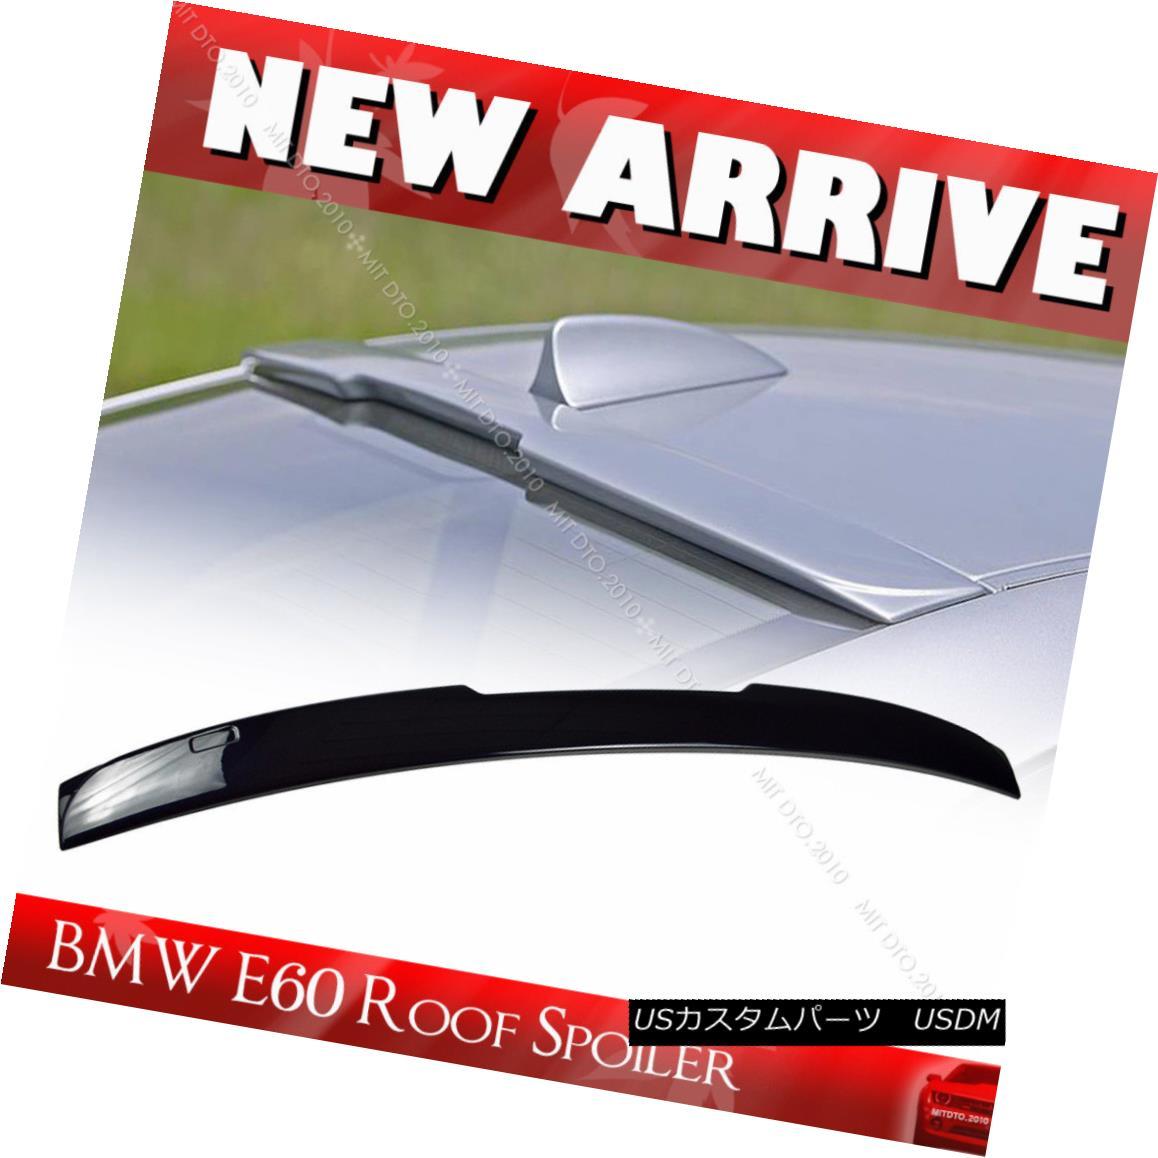 エアロパーツ 2004-2010 4D M5 Sedan Painted #416 BMW 5-Series E60 Rear A Style Roof Spoiler 2004-2010 4D M5セダン塗装#416 BMW 5シリーズE60リアAスタイルルーフスポイラー